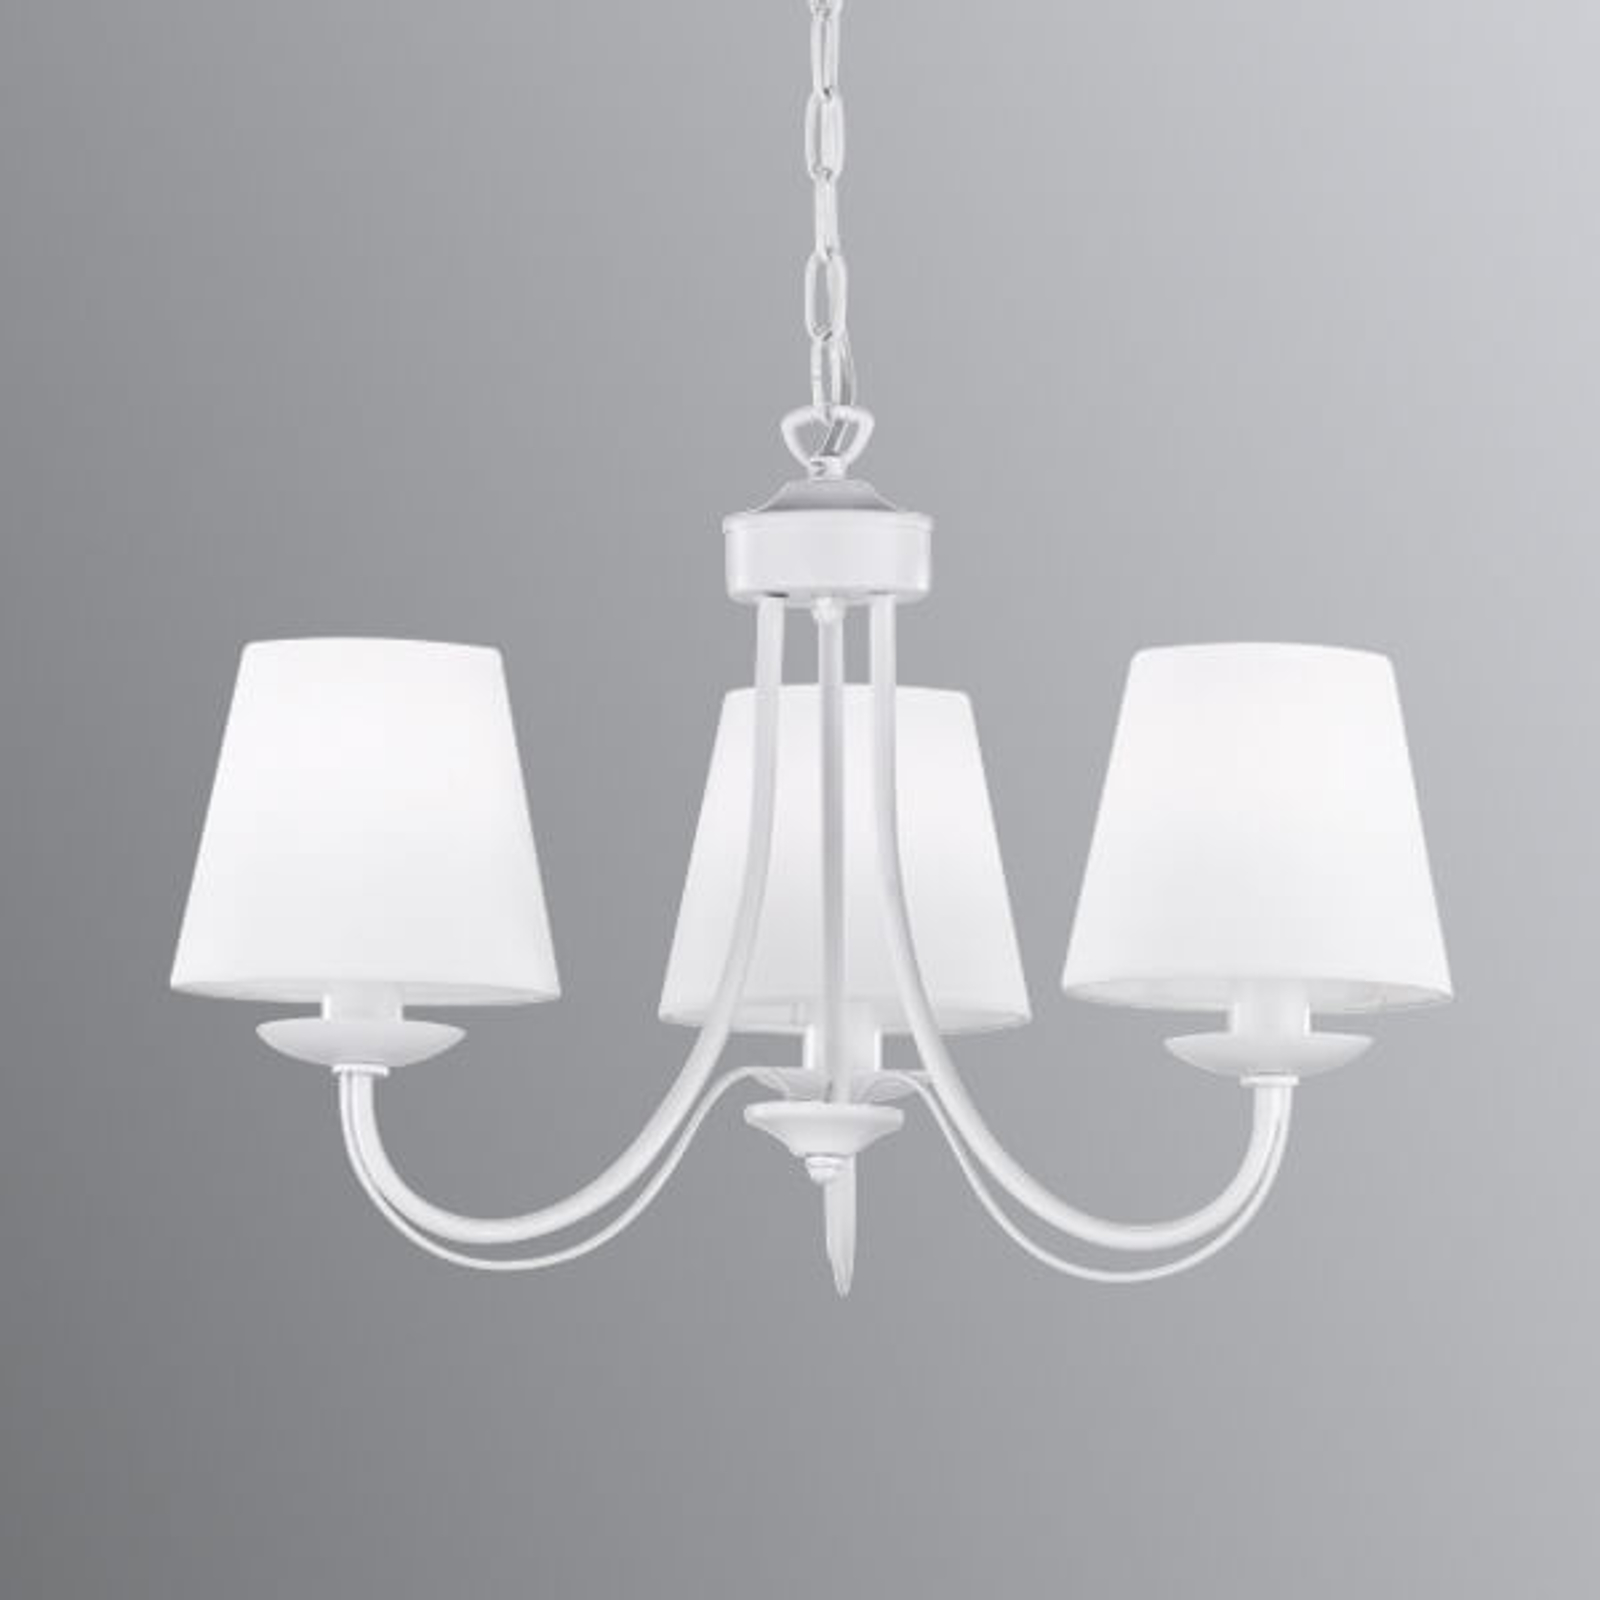 Kattokruunu Cortez, valkoinen, 3-lamppuinen